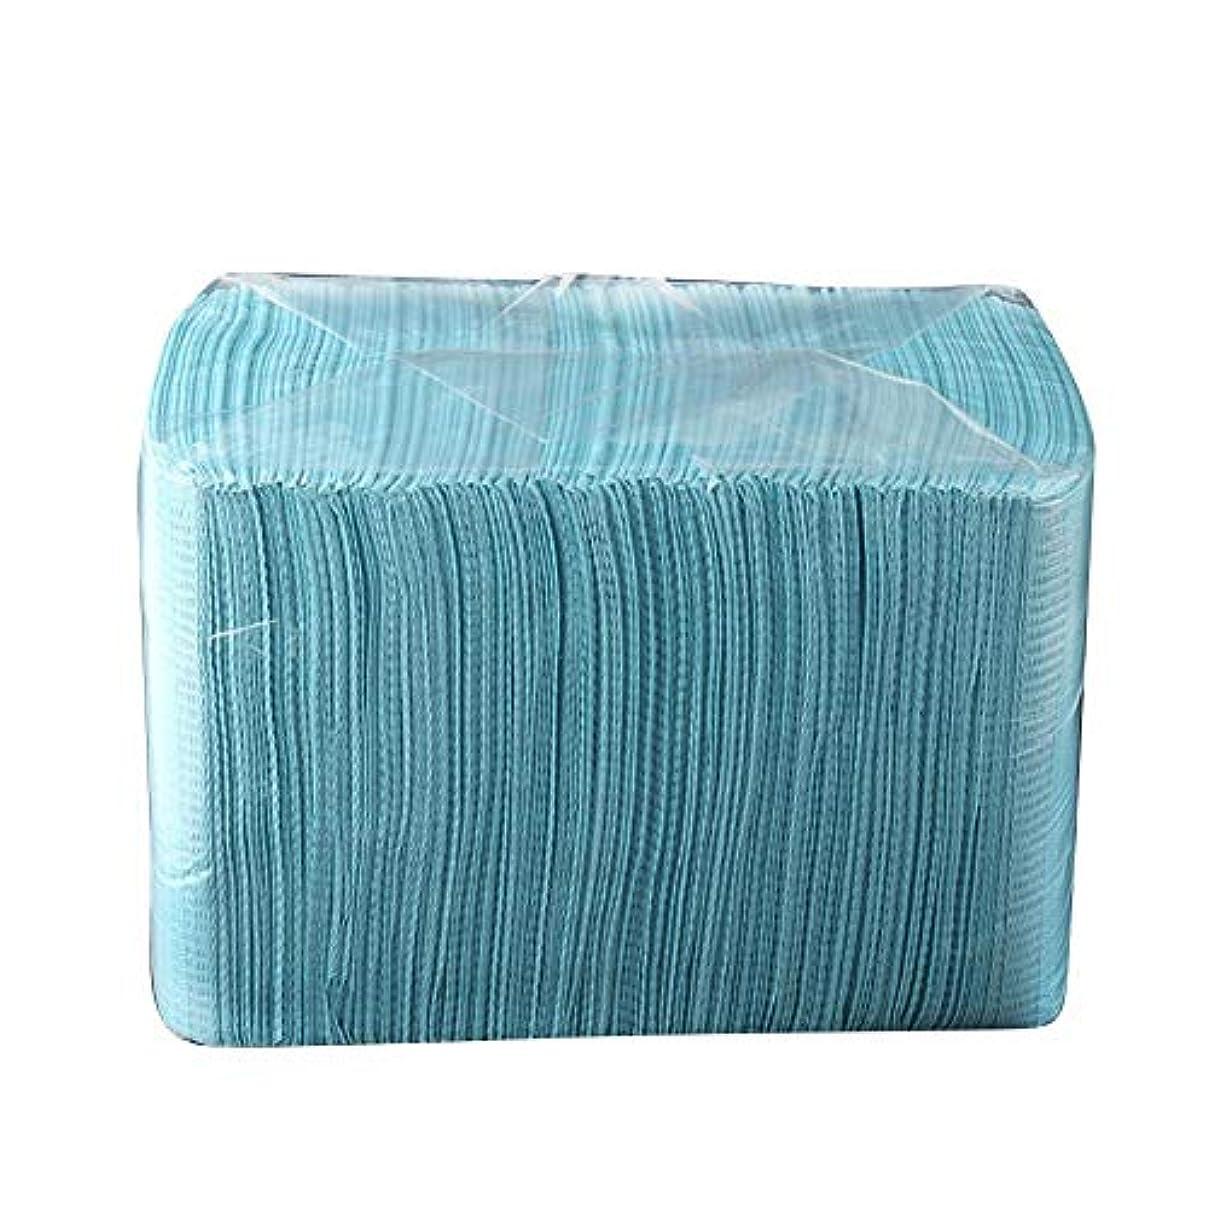 湿地タッチ曲線Graprx 125ピース使い捨て防水マット使い捨てタブレットタトゥー清潔パッド布個人衛生医療紙テーブルクロスマット葉タトゥーアクセサリー、ブルー